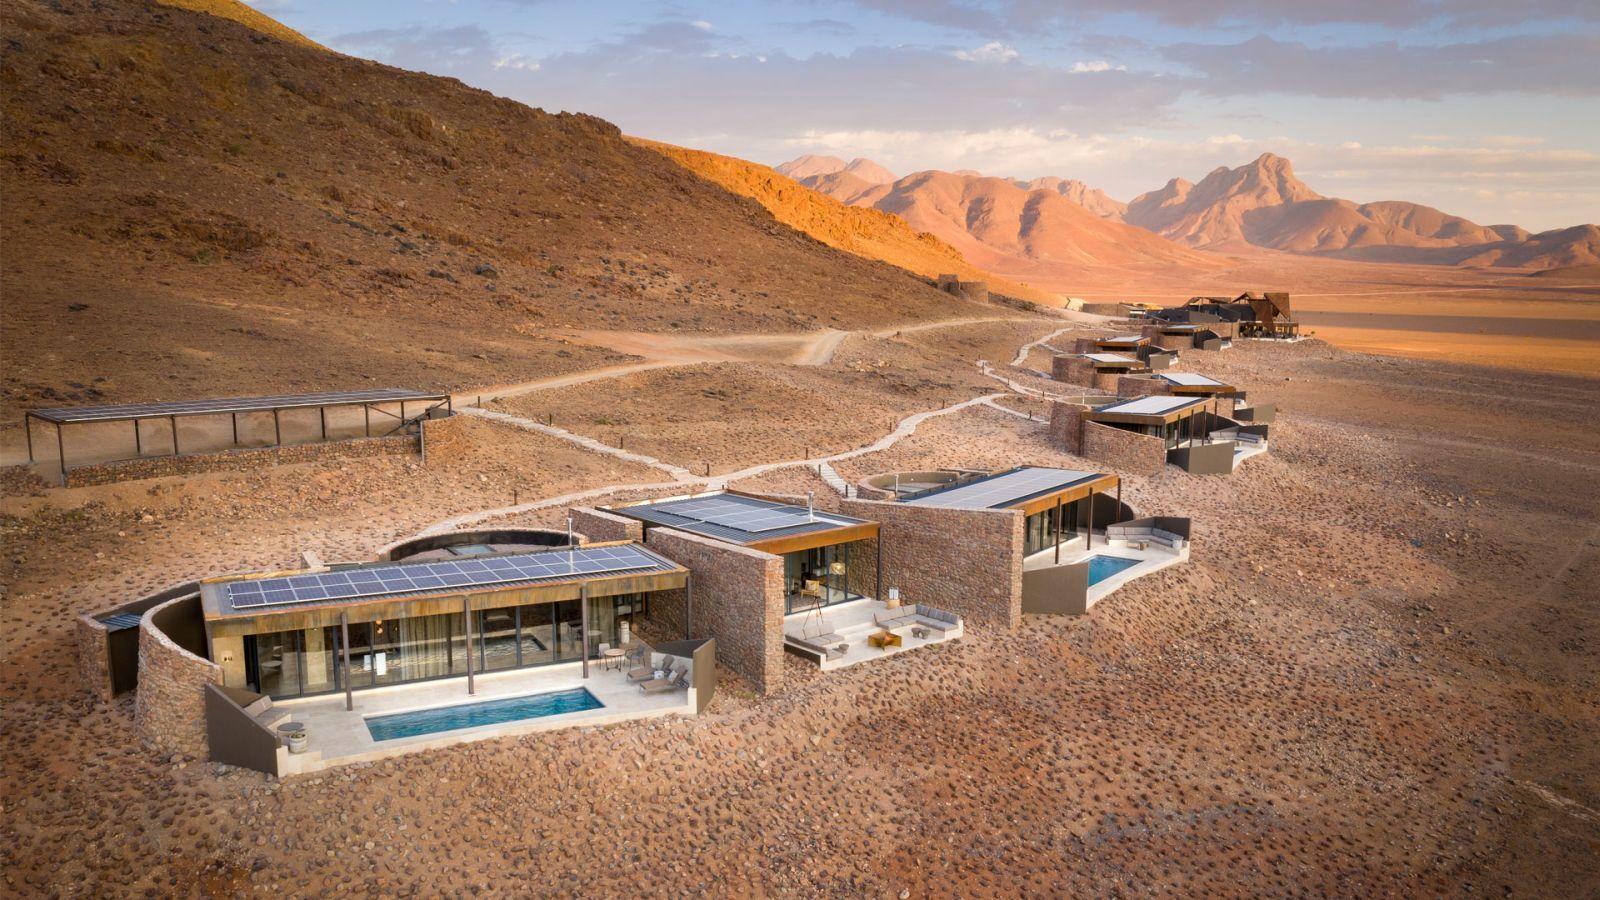 Különálló épületek sora napenergiával